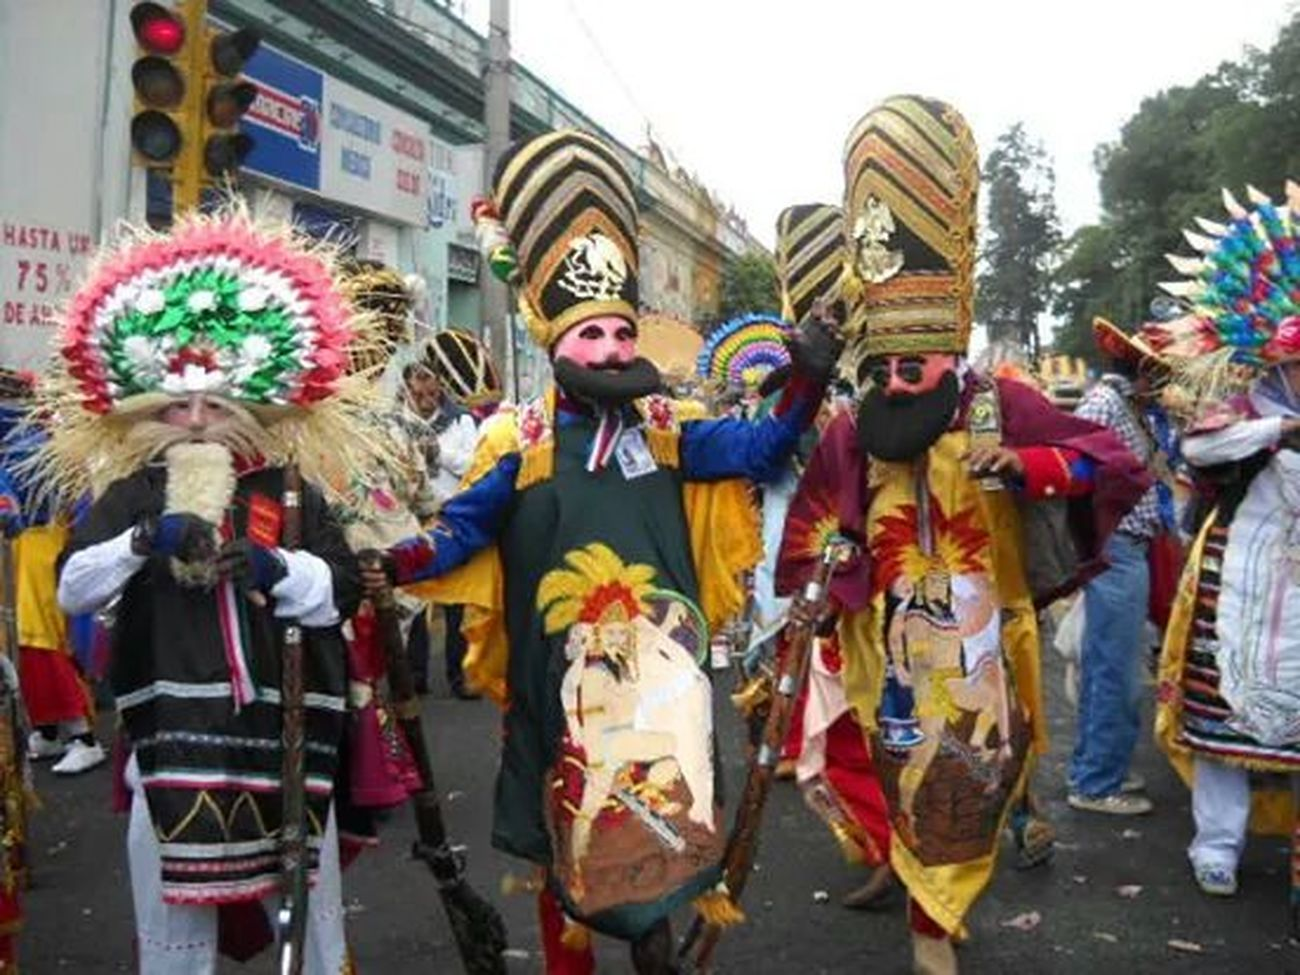 Carnaval Hi! Mexico Tradicionesmx